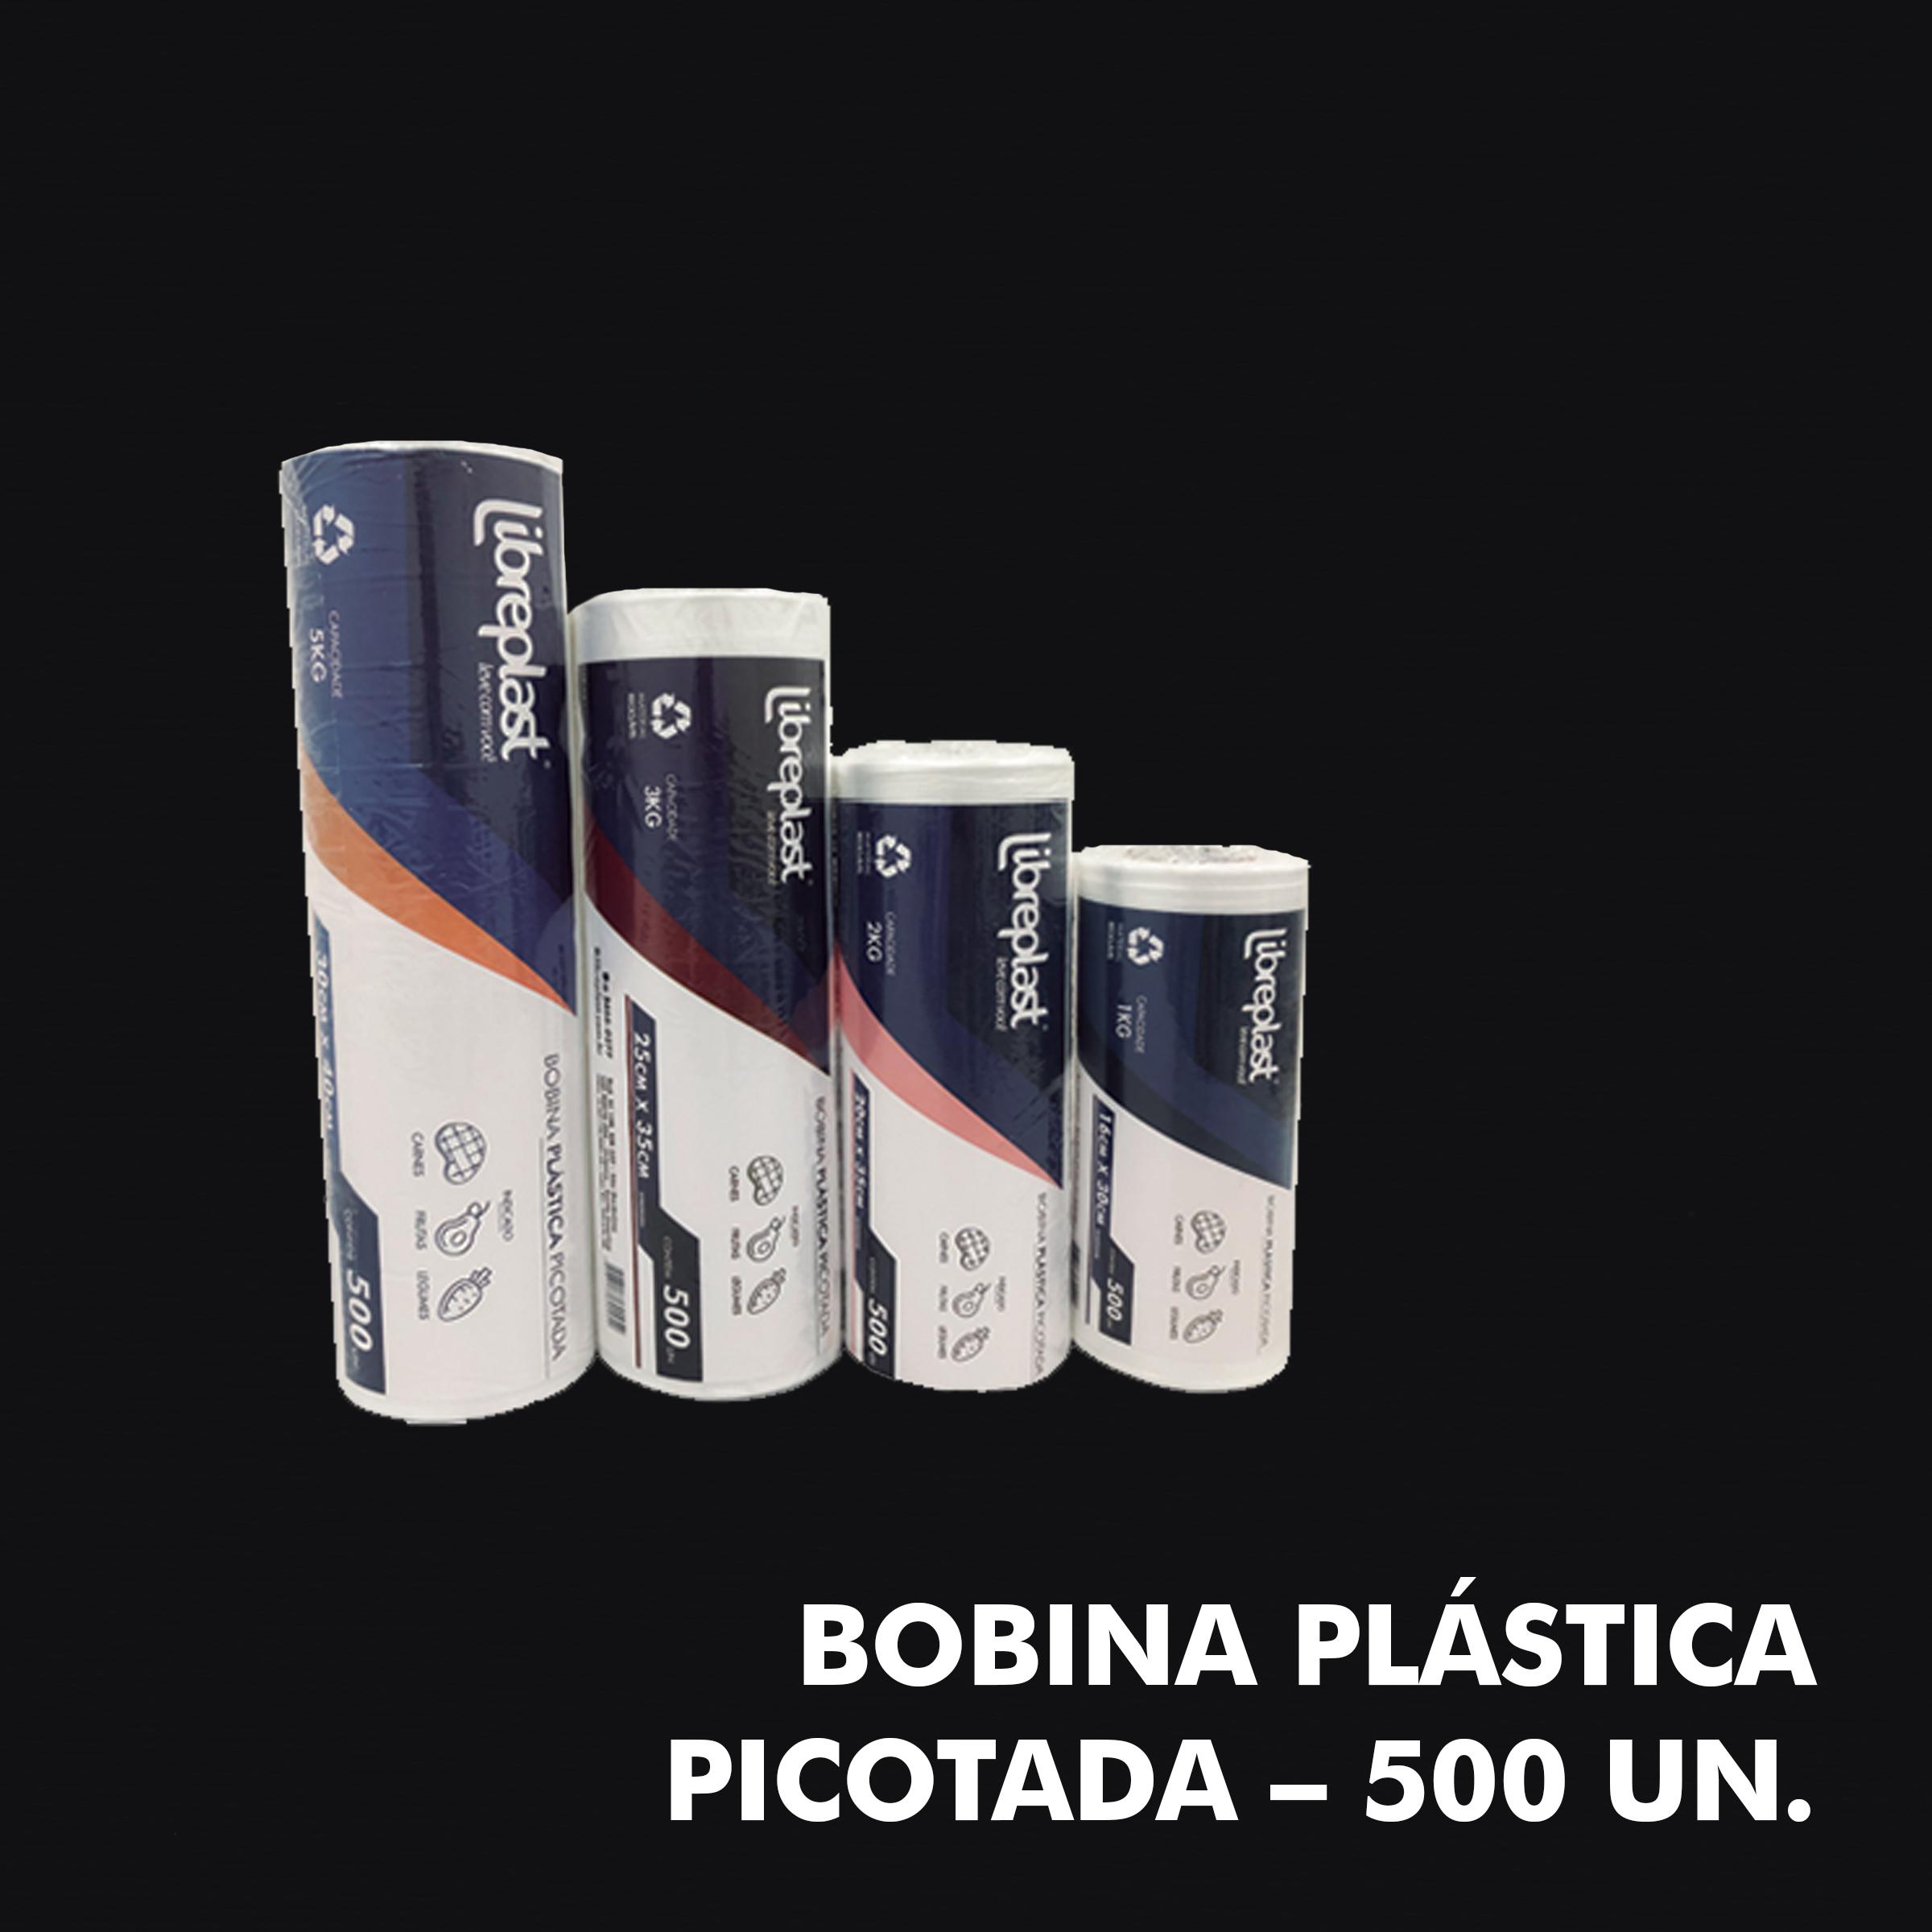 Bobina Plástica Picotada – 500 UN. - RF